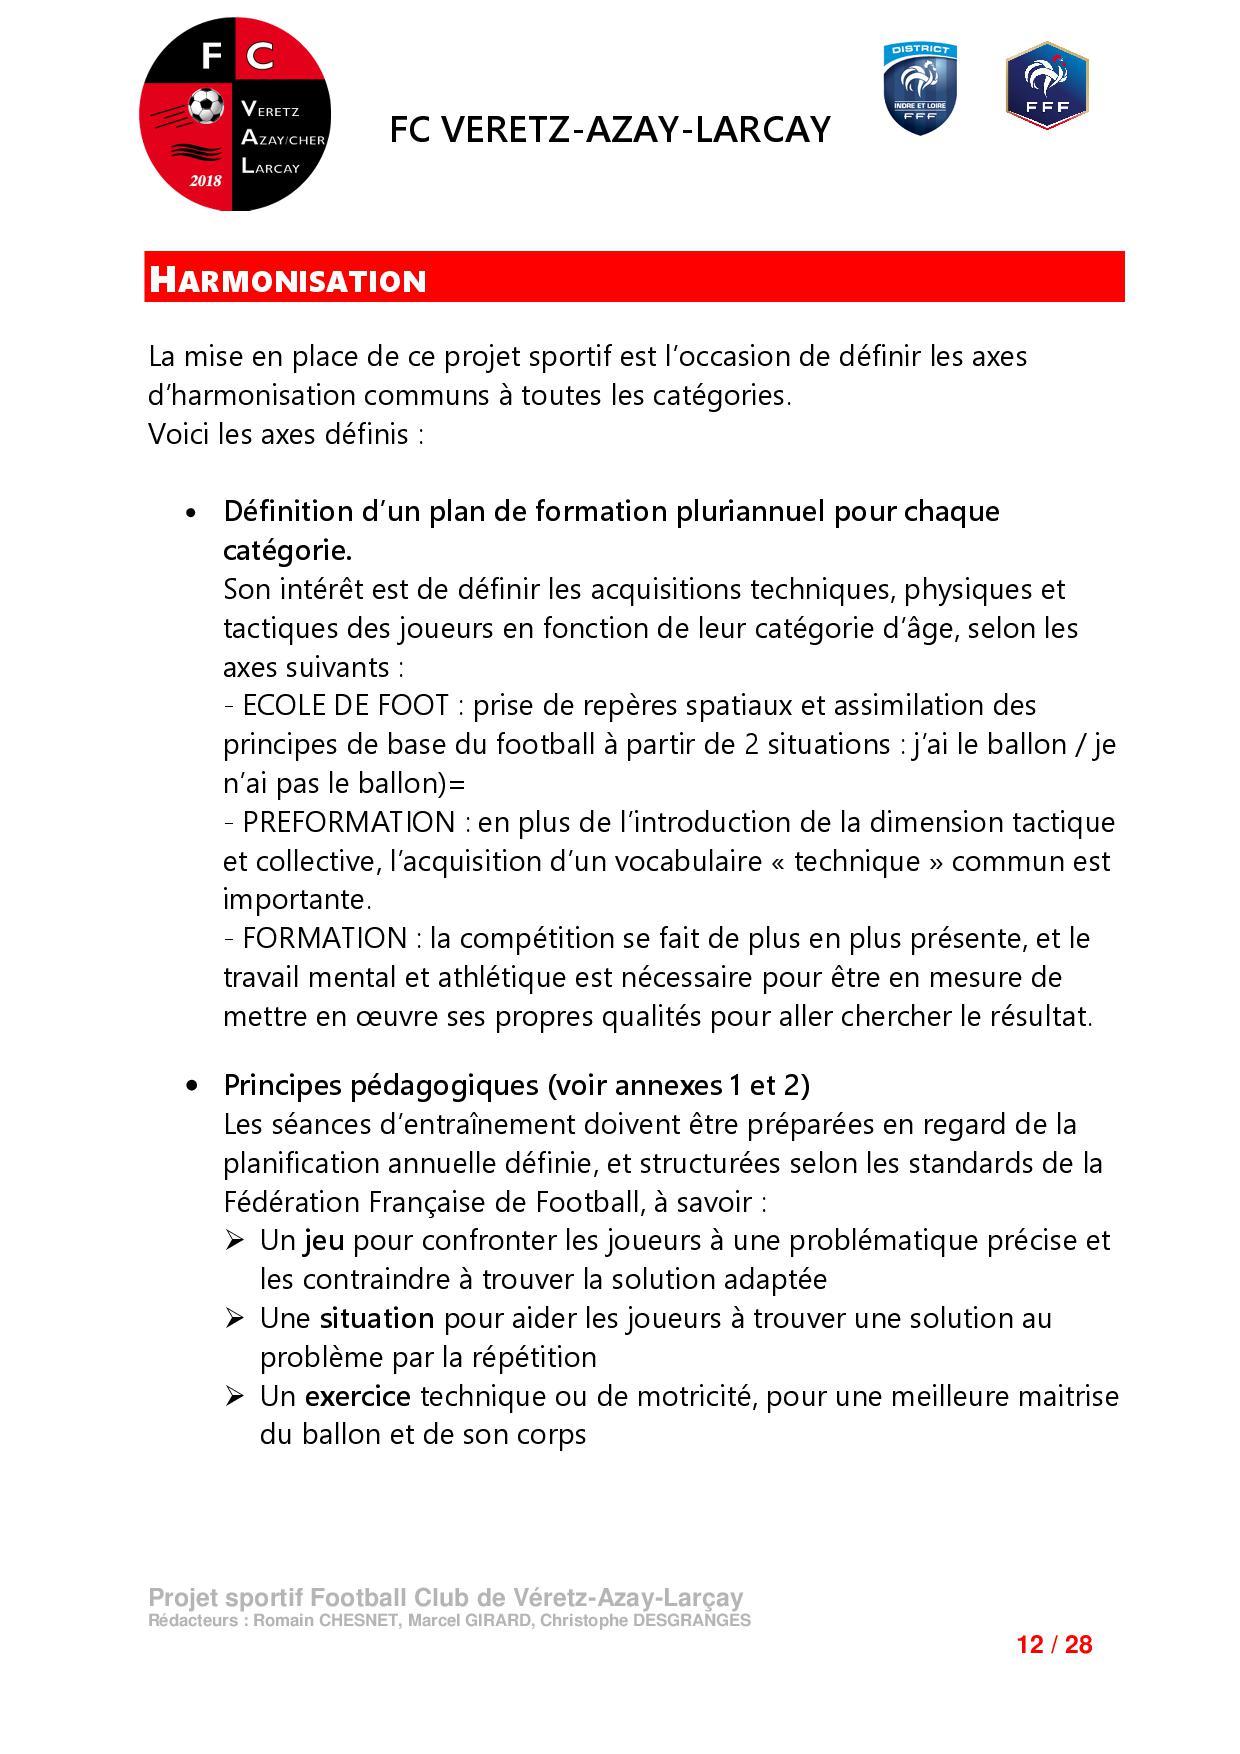 projet_sportif_2017-202012.jpg